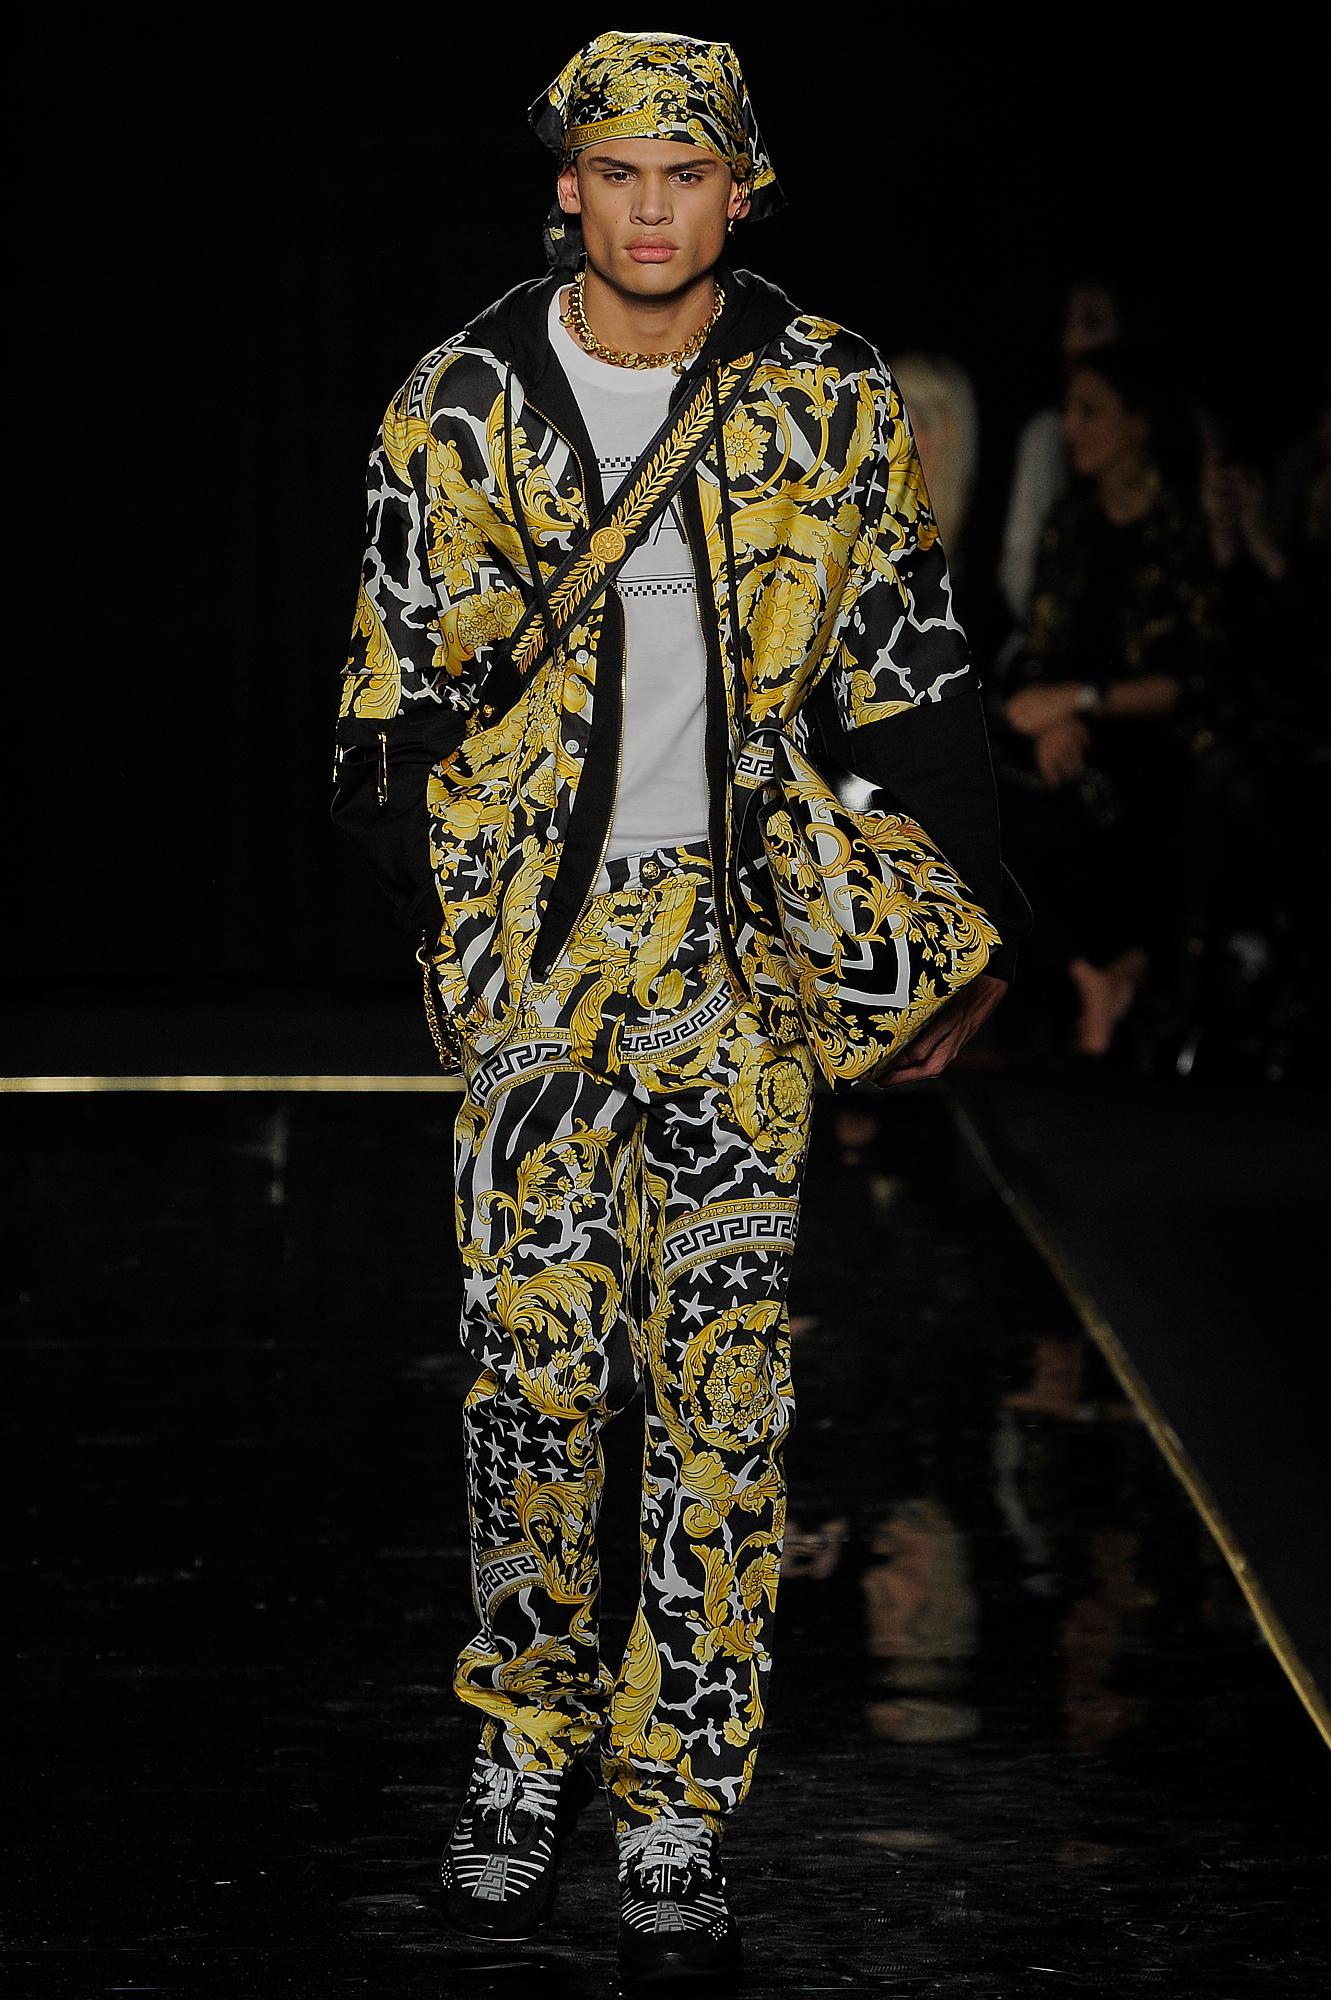 Versace_8_7a_versace_runway_runway_00008.jpg